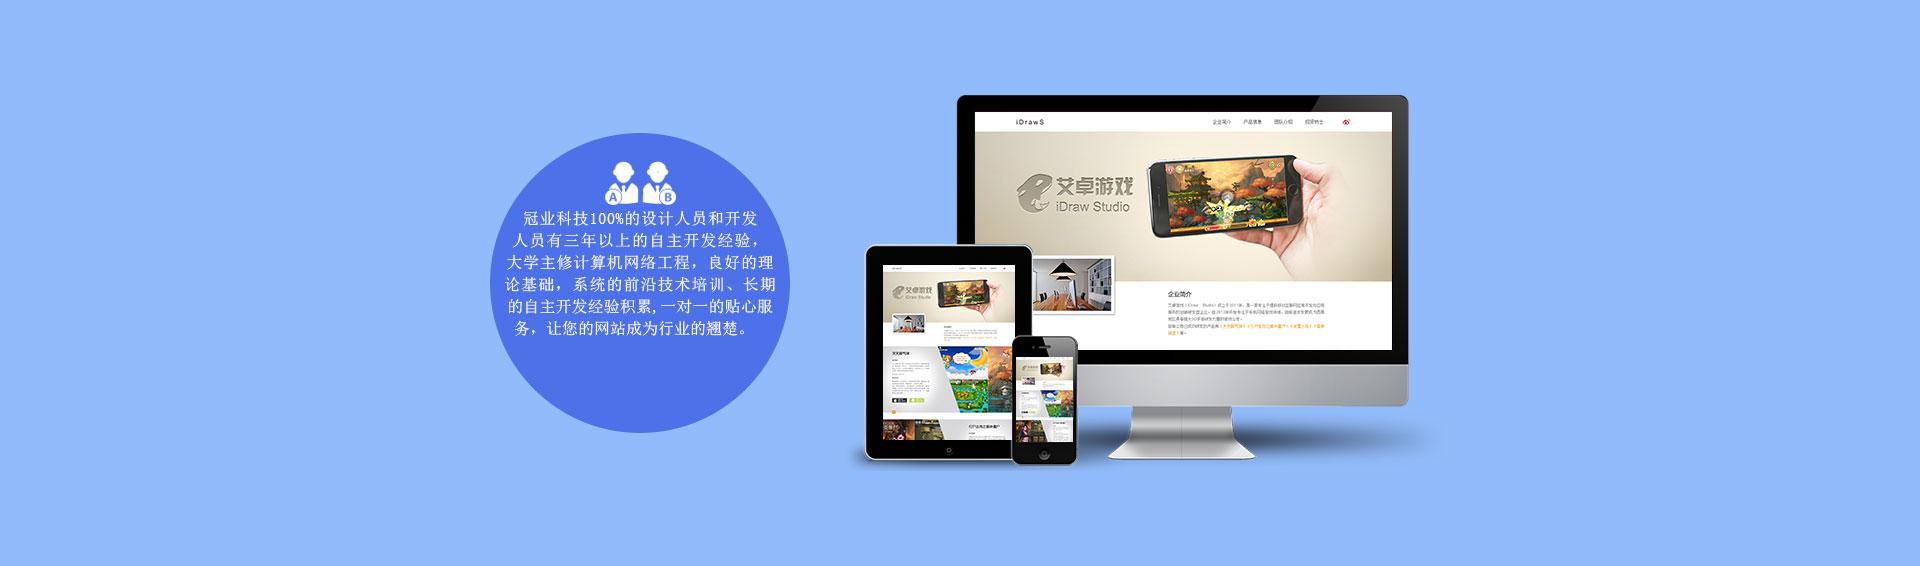 我们是谁? 成立于2015年5月四川麦芒网络科技有限公司位于中国科技城绵阳市,公司开发团队致力于互联网技术服务、开发及应用,为企事业单位提供一站式、全方位整合网络品牌服务。 公司以网络服务为发展方向;以科技创新为动力,为社会提供全方位的网络综合信息化服务及多层次电子商务解决方案。 麦芒网络科技聚集IT界的精英,由资深的网站设计师、软件开发工程师、营.